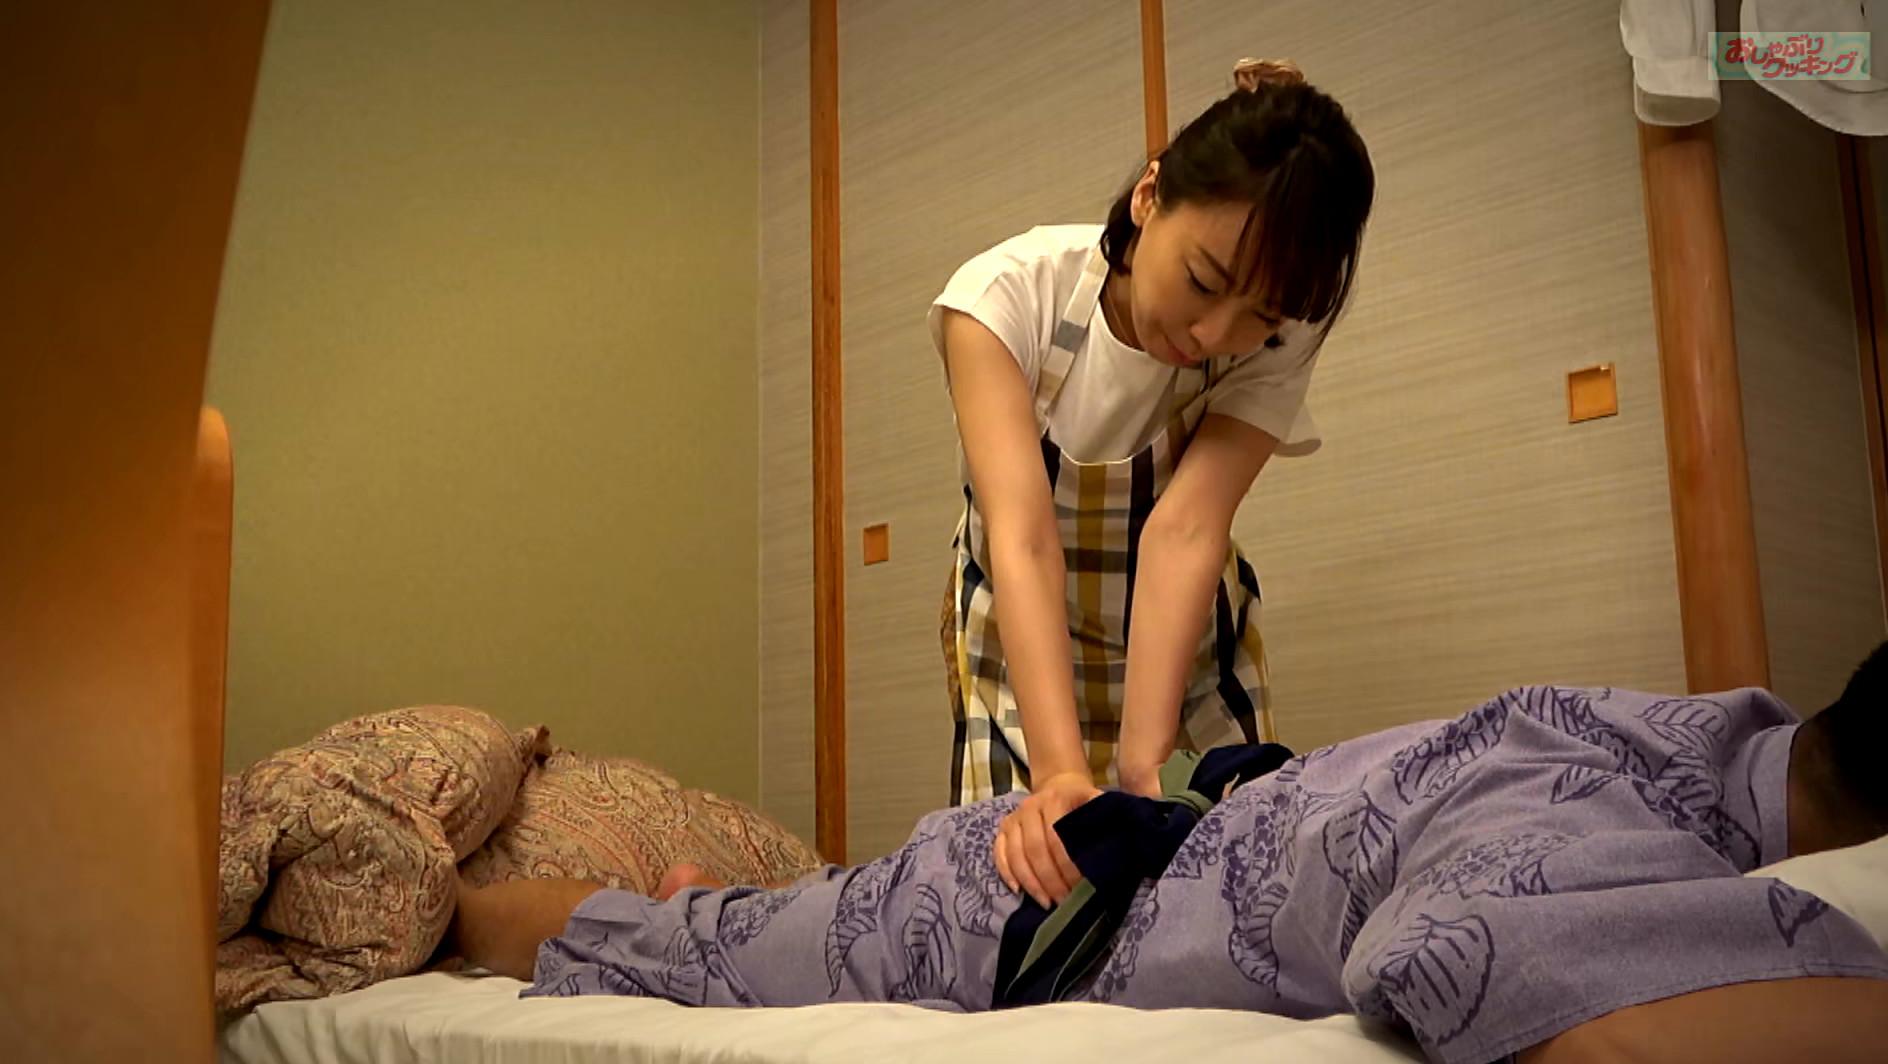 田舎の旅館をひとりで切盛りする美人女将に夜這いしました ゆり40歳 画像3